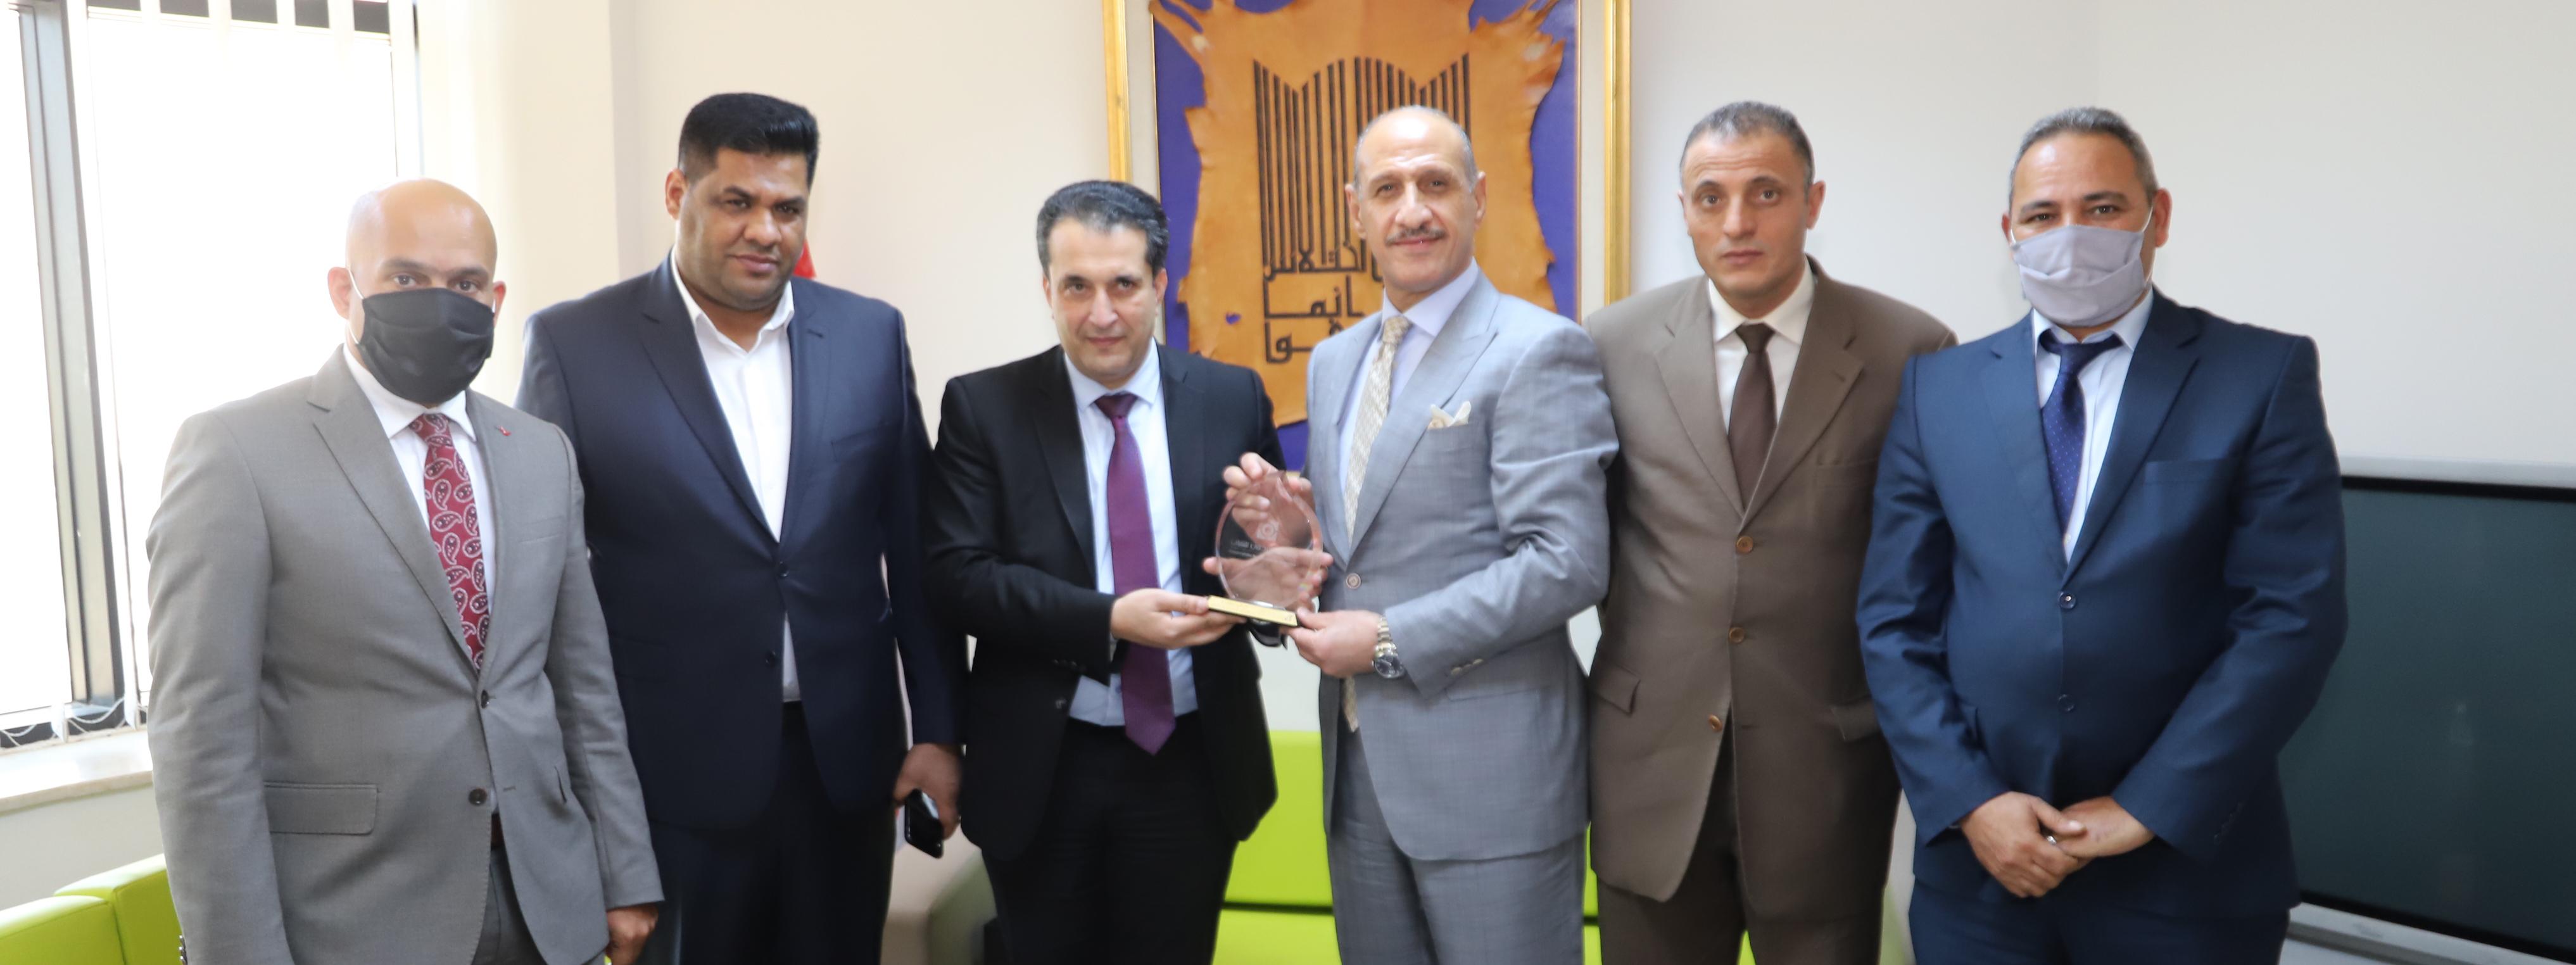 Visite du ministre irakien de la jeunesse et des sports